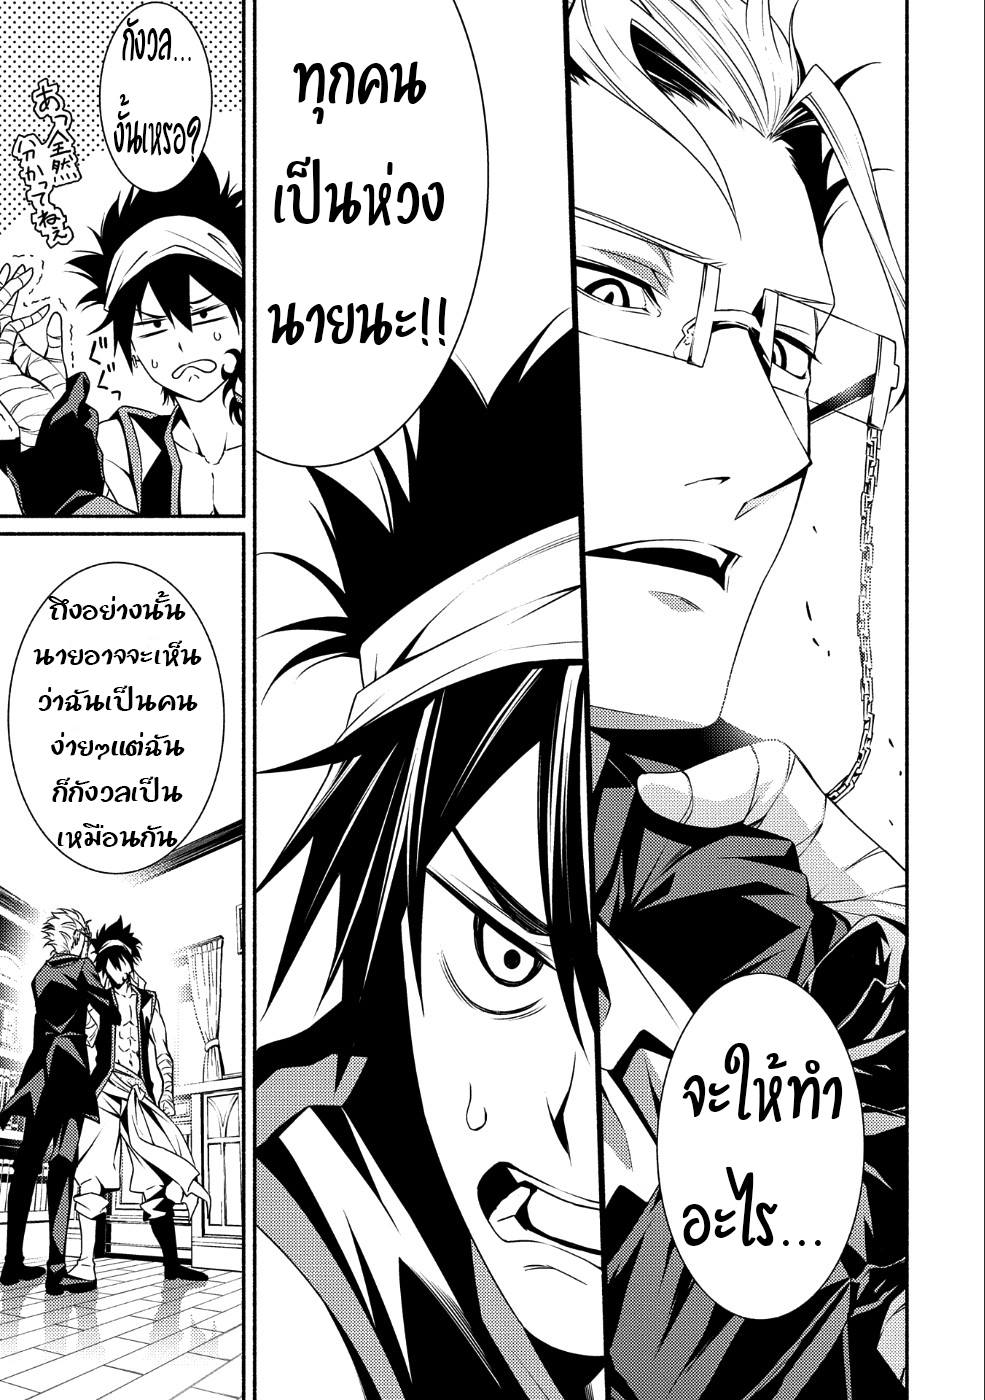 อ่านการ์ตูน Saikyou Party no Zatsuyougakari Ossan wa Muriyari Kyuuka o Tora Sareta you desu ตอนที่ 1 หน้าที่ 8